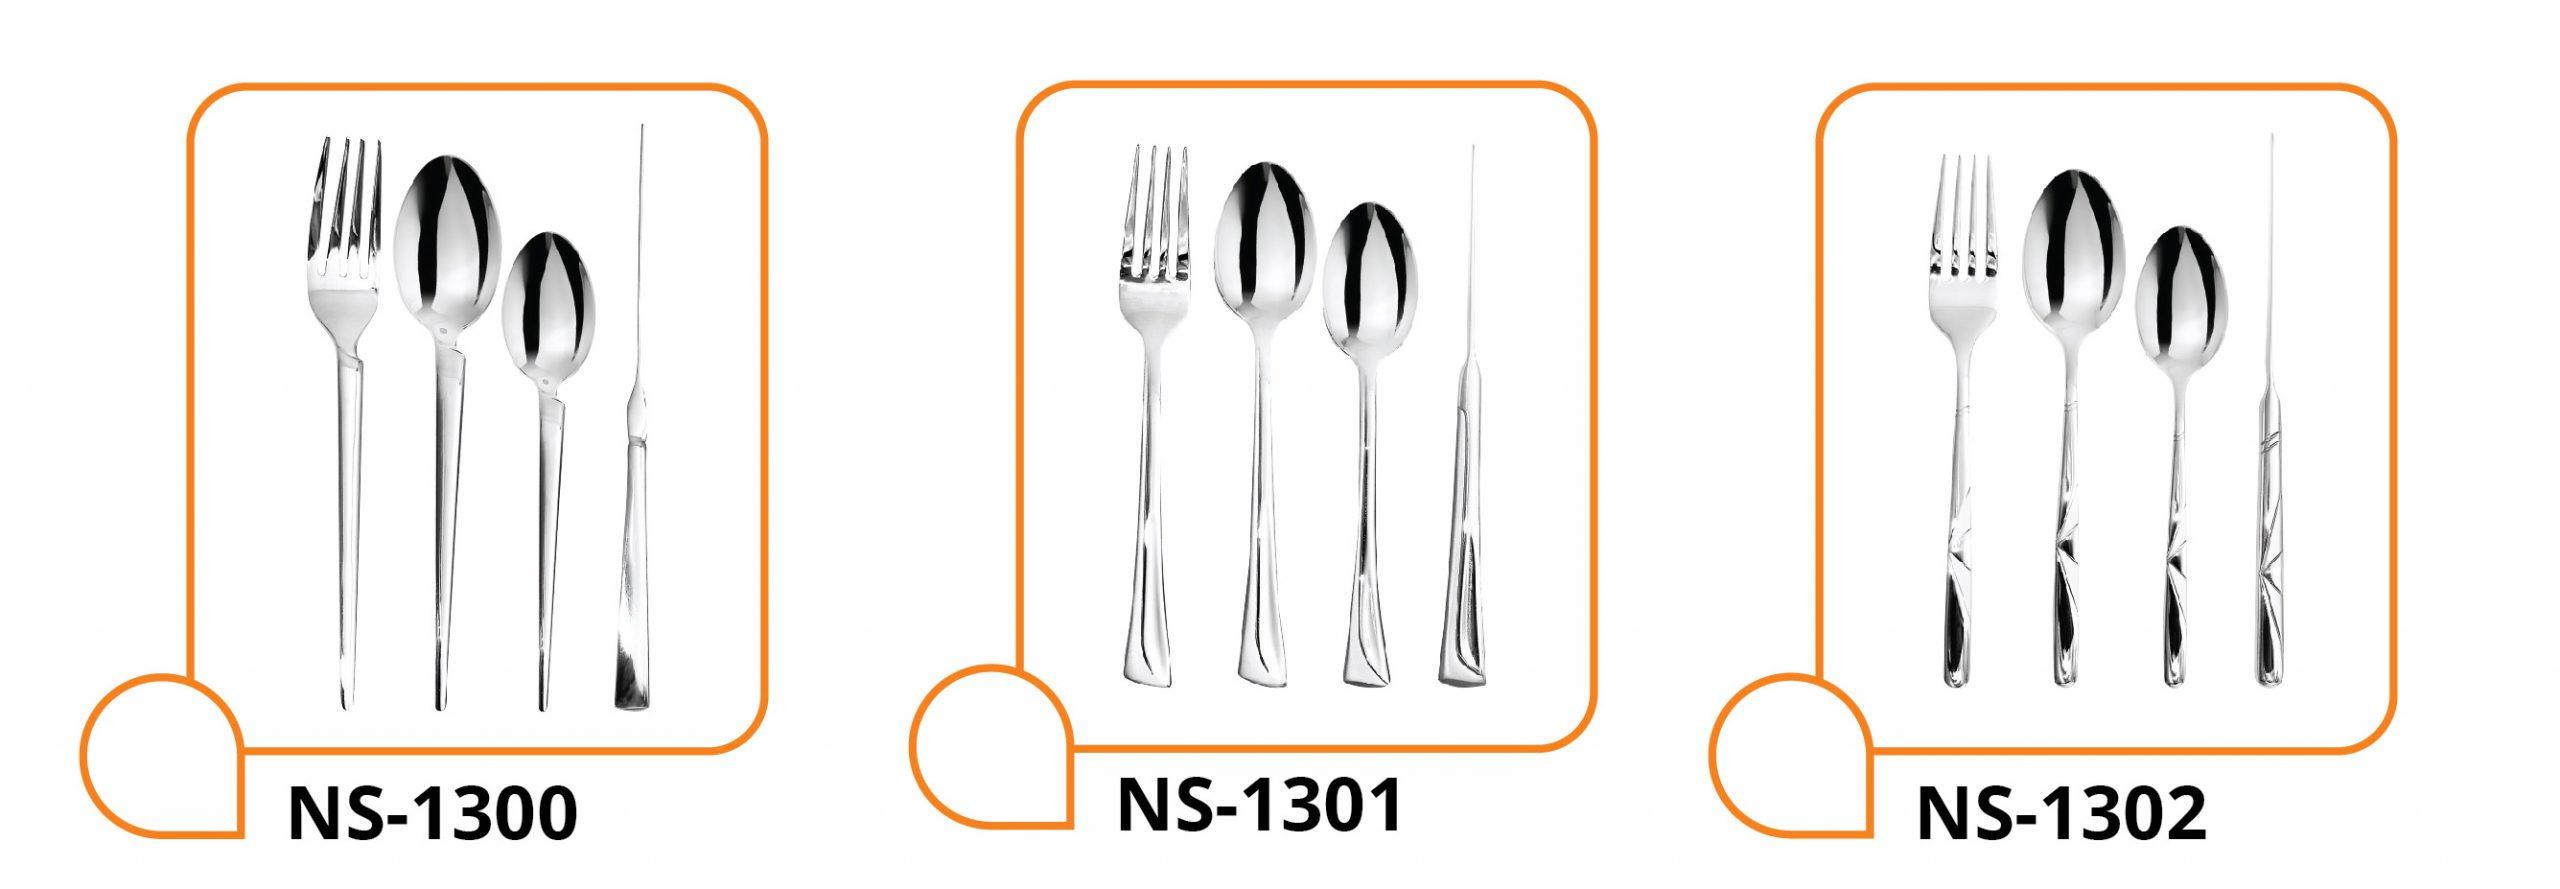 سرویس قاشق و چنگال NS-1300-1301-1302